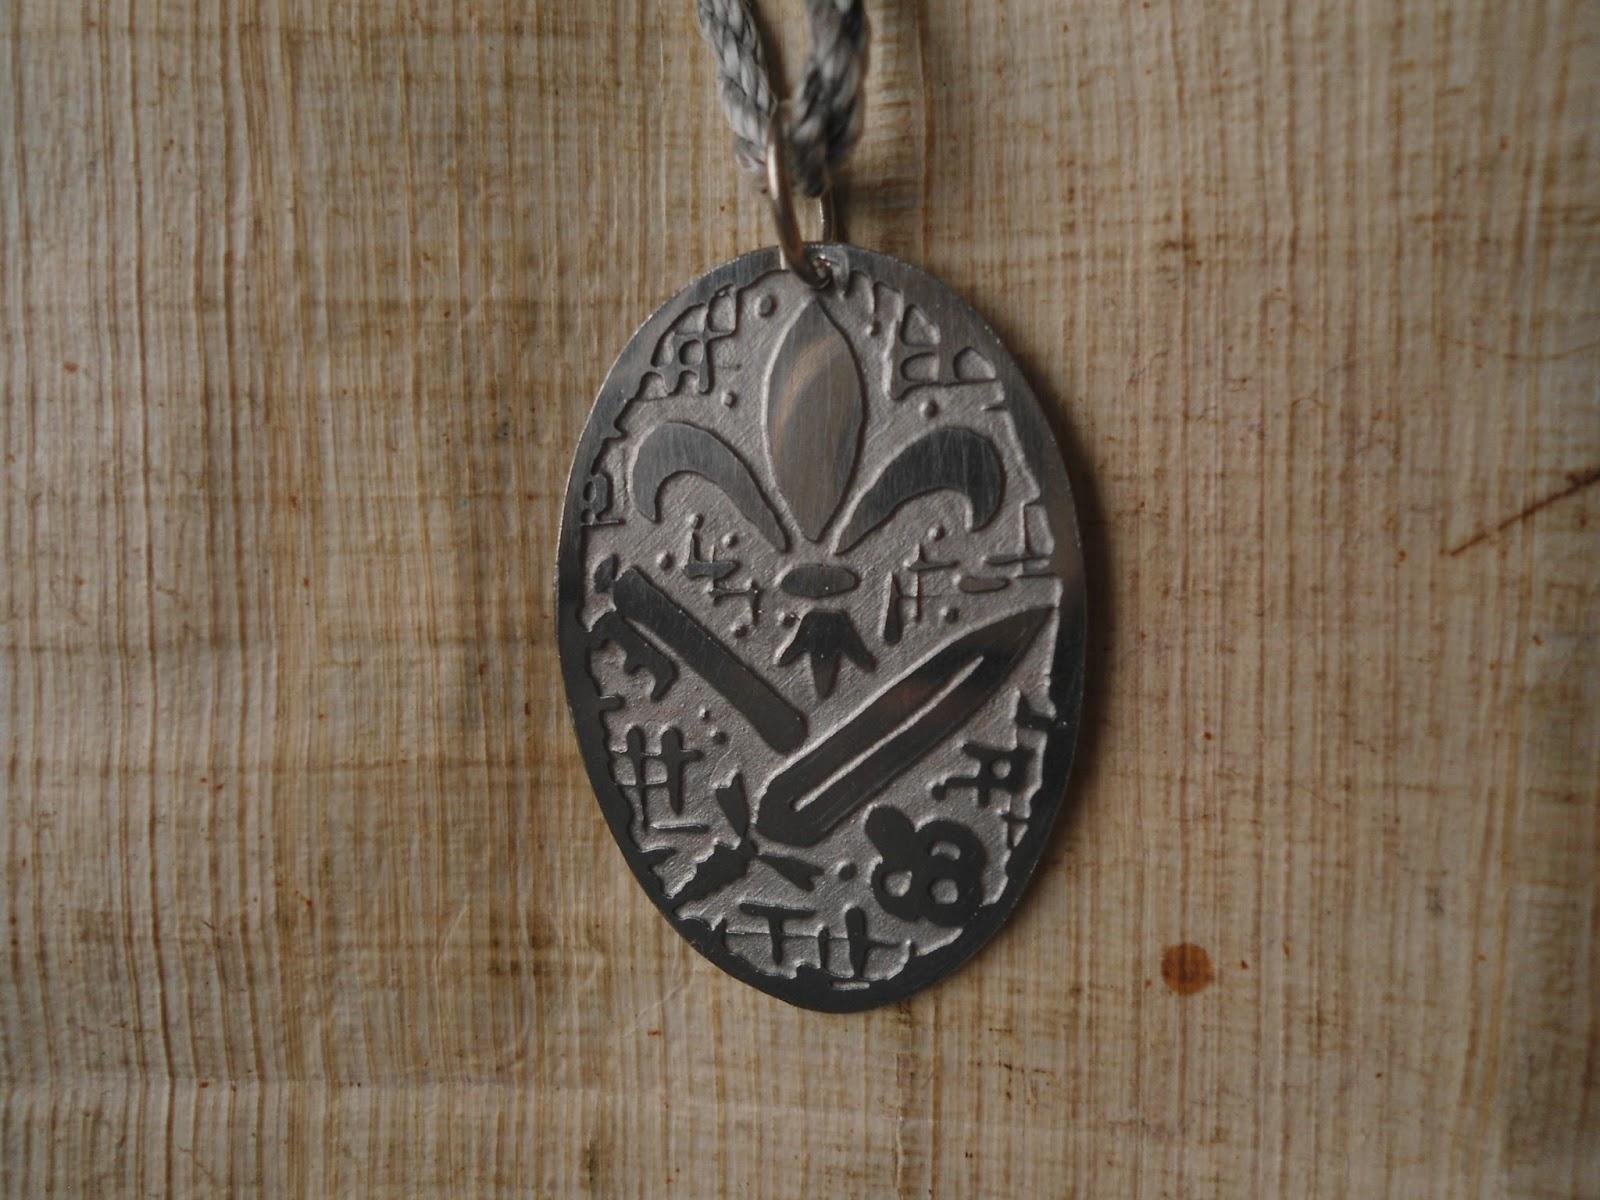 7 Medalhas Ciganas - Medalhas Com Símbolos Ciganos Da Sorte   Reza ... 75b6aa76ae